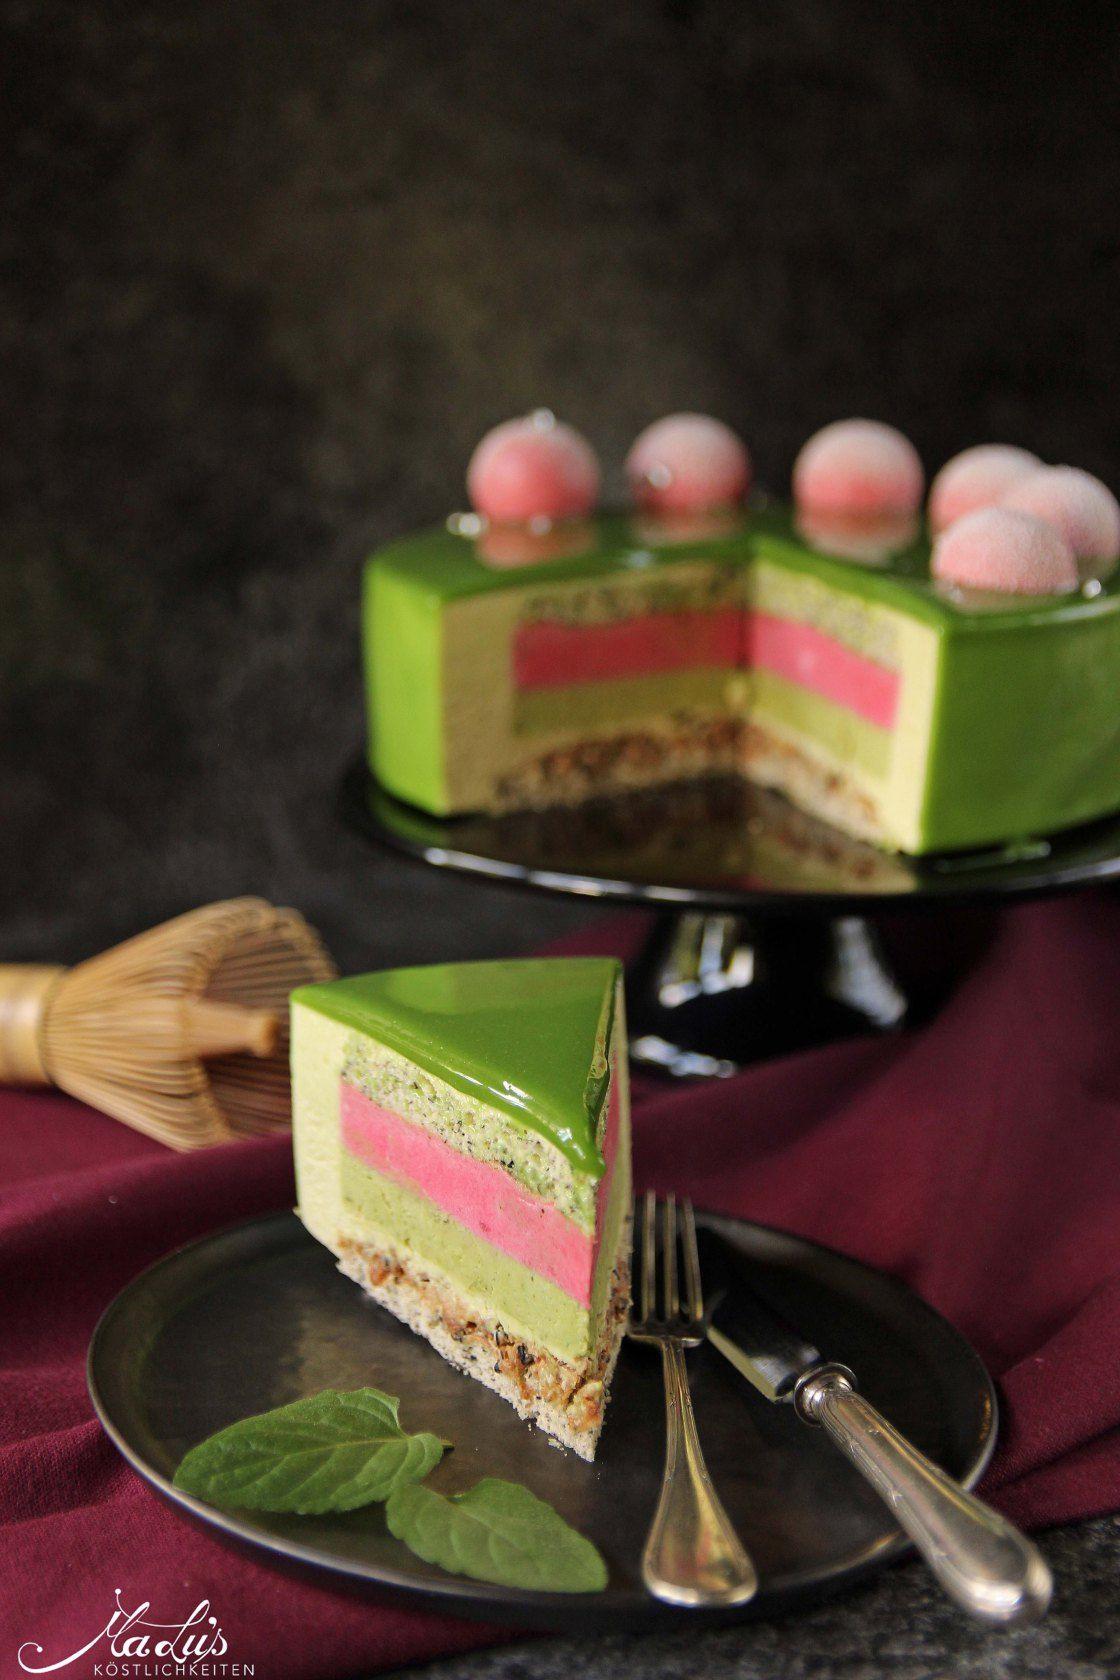 Matcha-Limetten Torte mit Himbeere & schwarzem Sesam #japanischerkäsekuchen